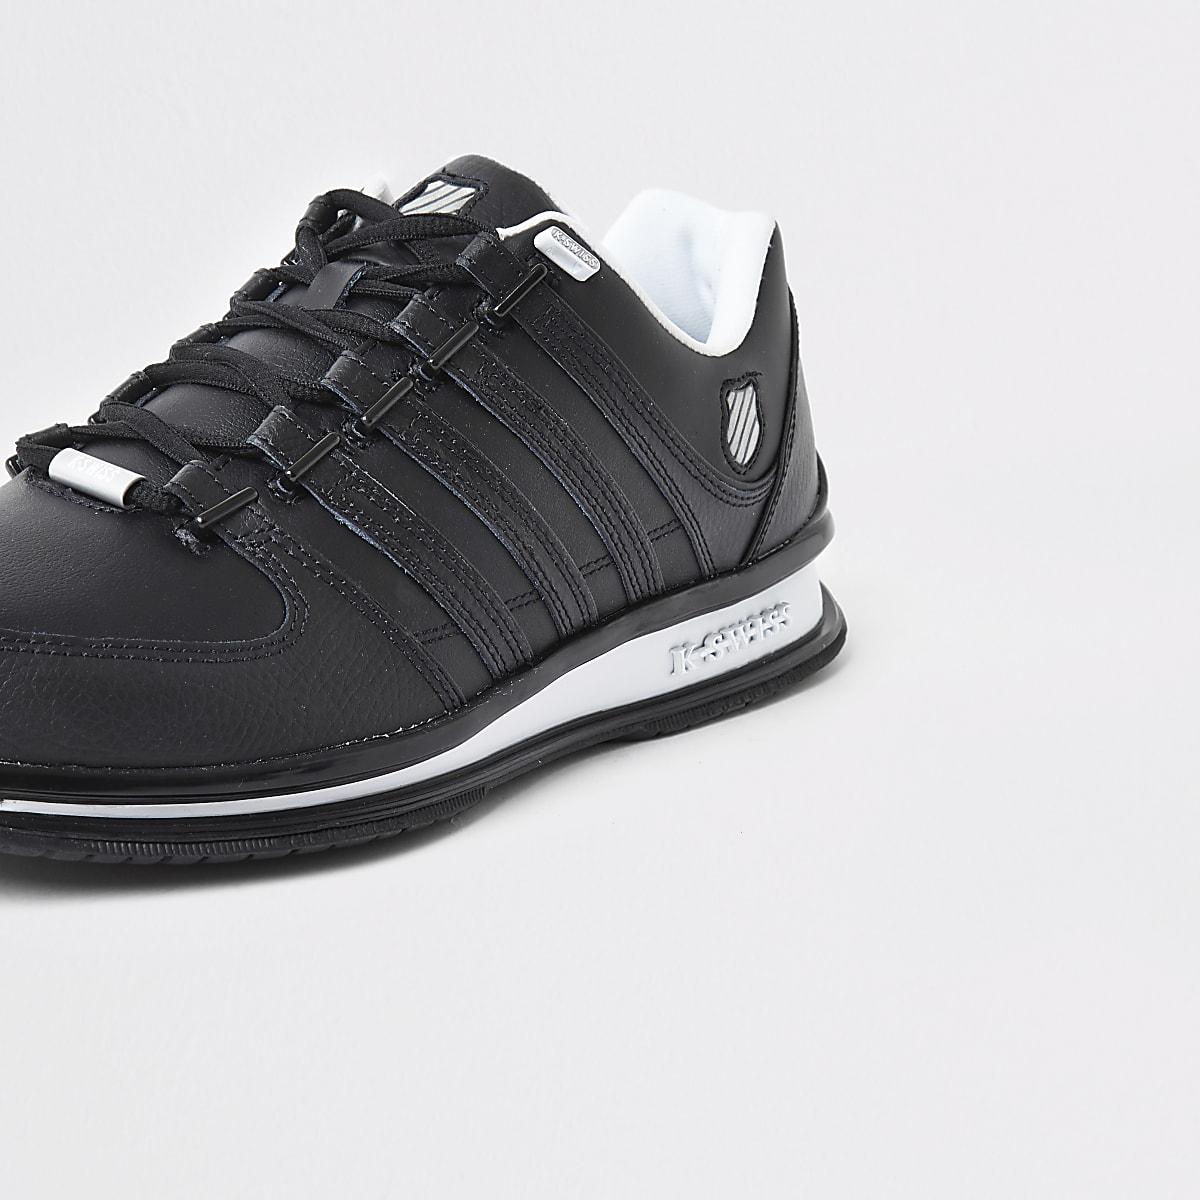 Chaussures K Swiss Rinzler Sp – Baskets Noires 4Rj5LA